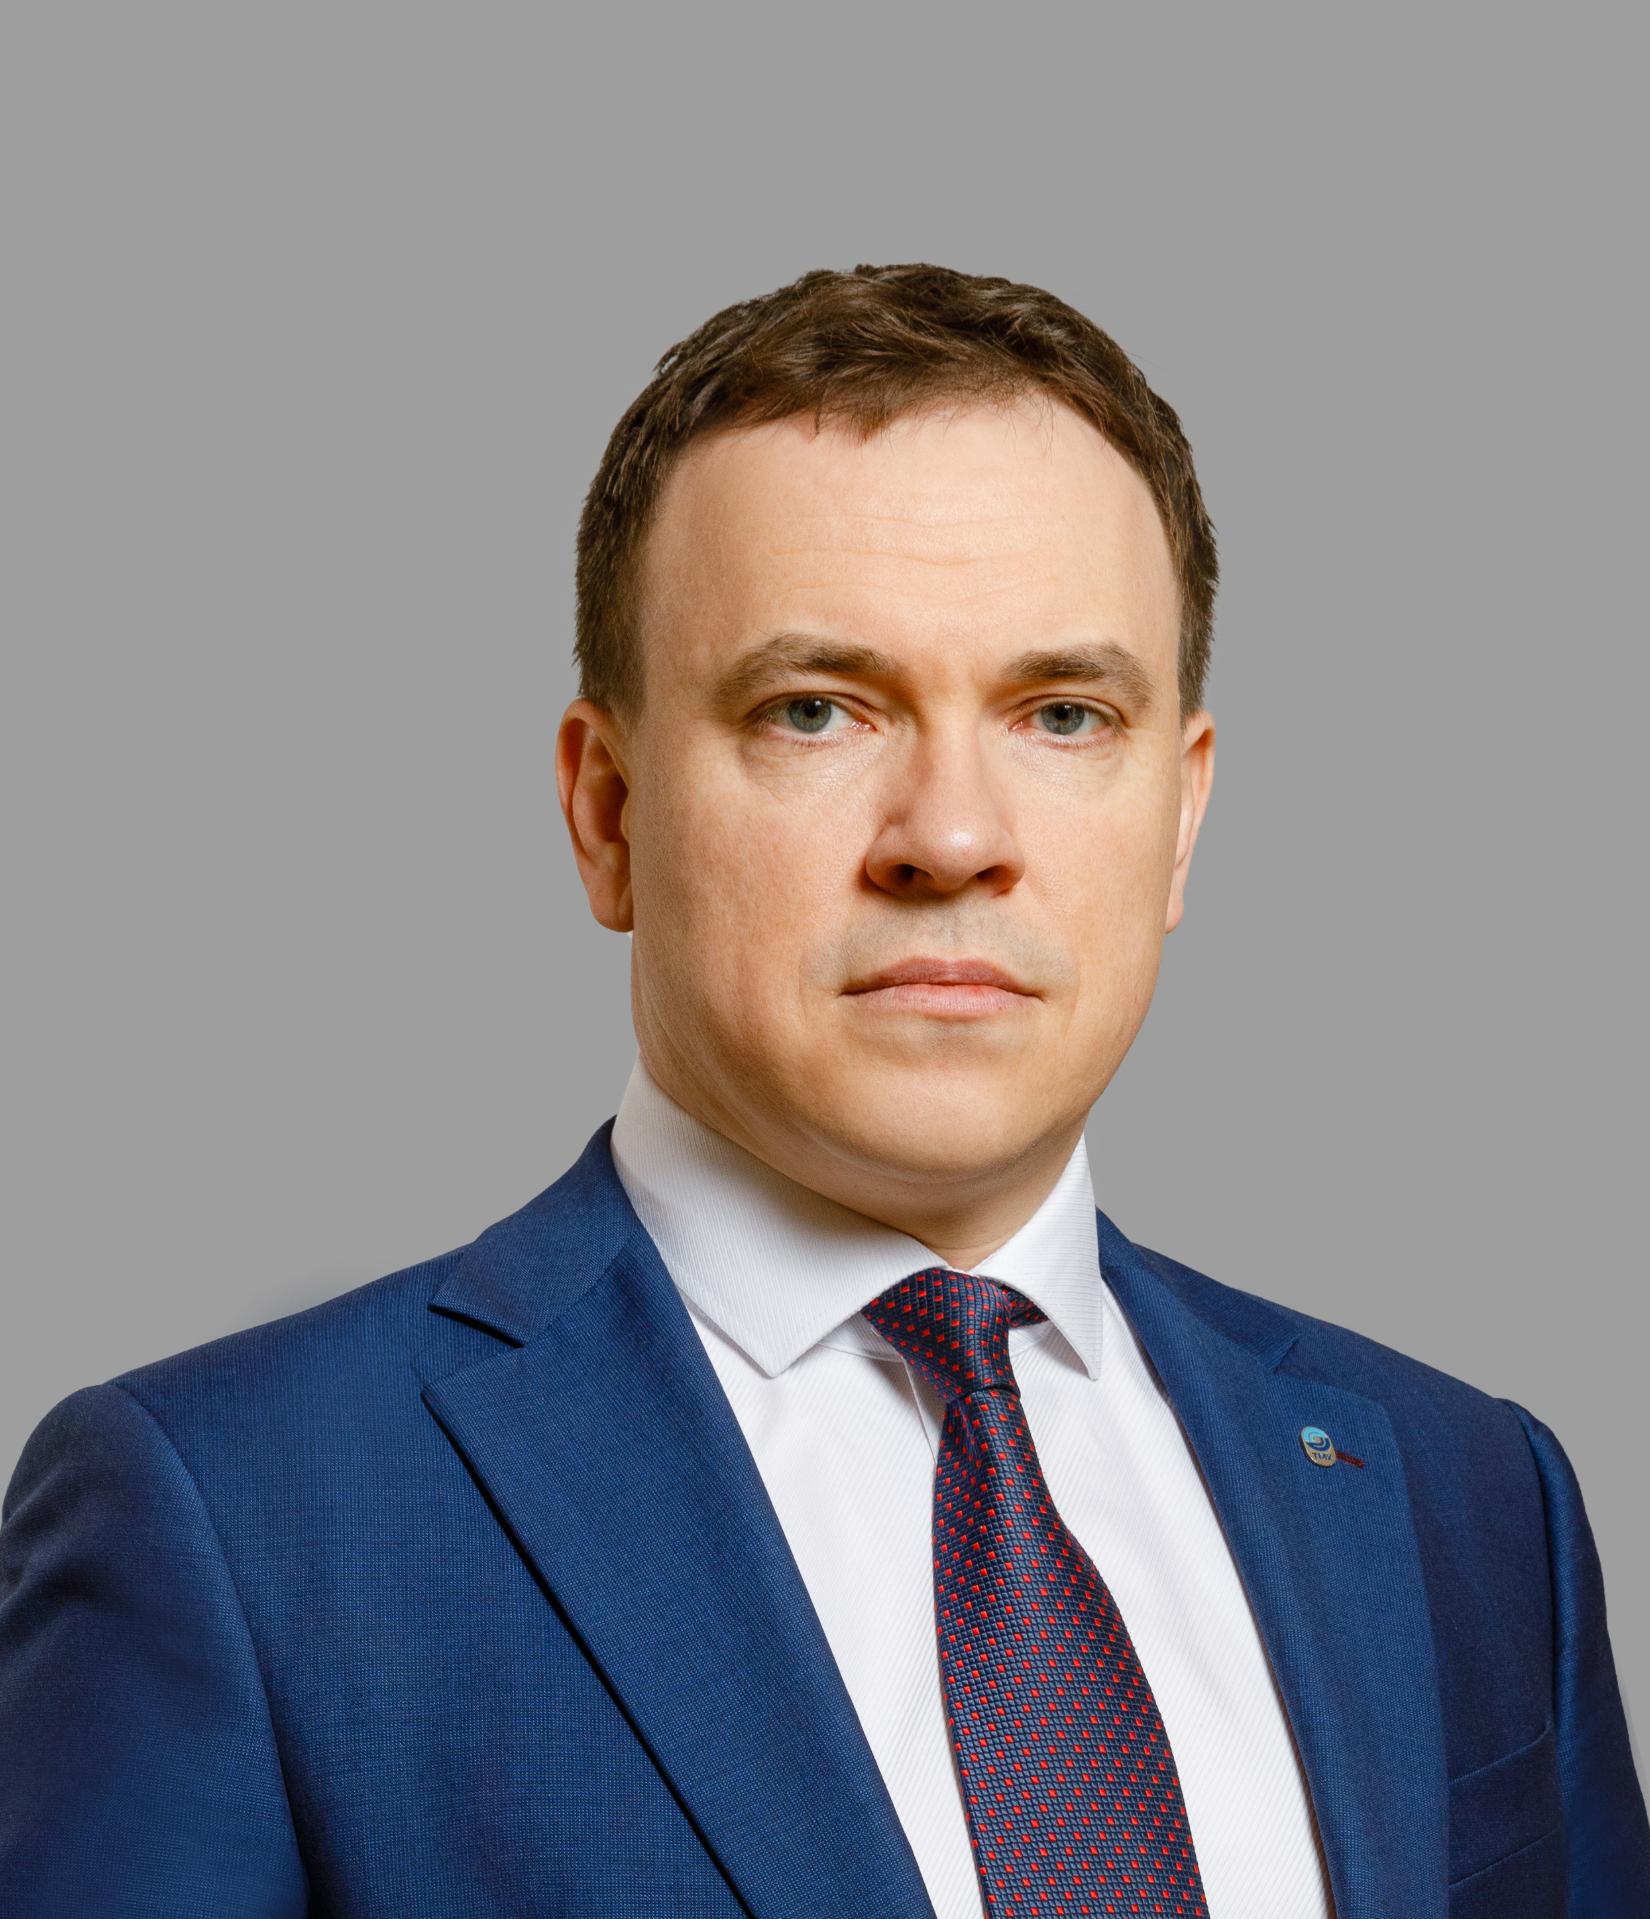 Владимир Антонов, исполнительный директор ООО «ЧЕТРА»